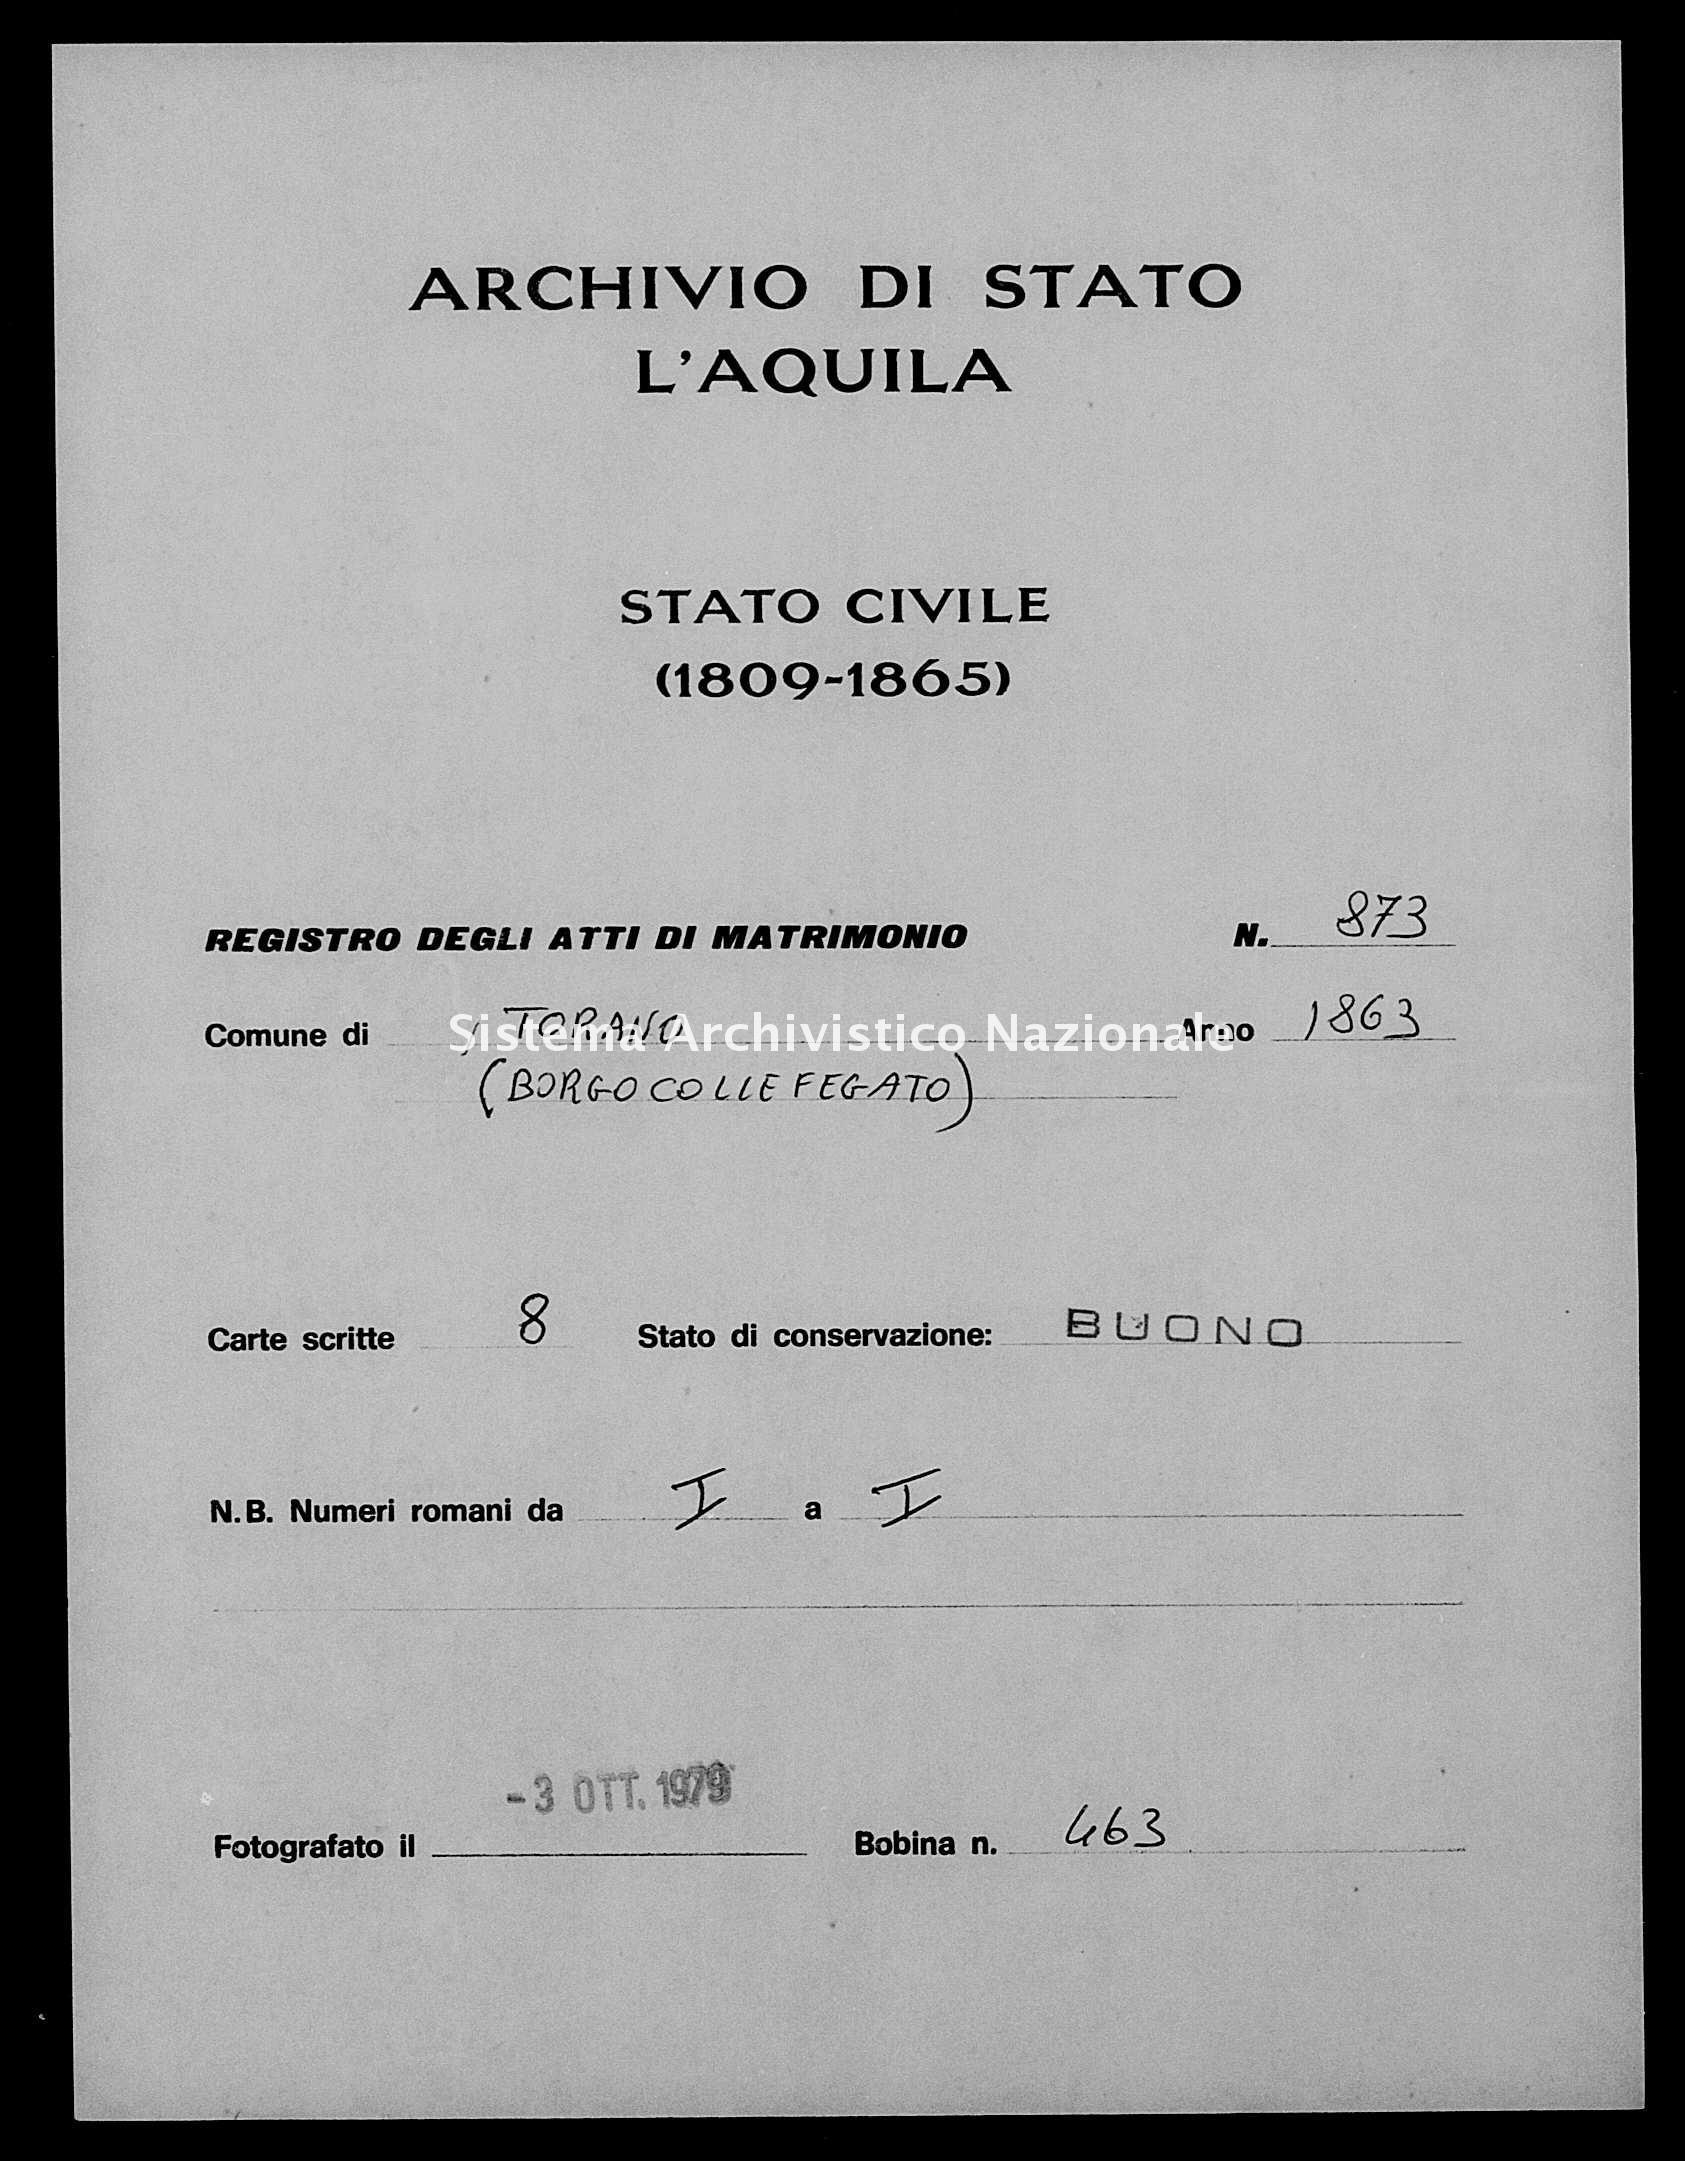 Archivio di stato di L'aquila - Stato civile italiano - Torano - Matrimoni - 1863 - 873 -